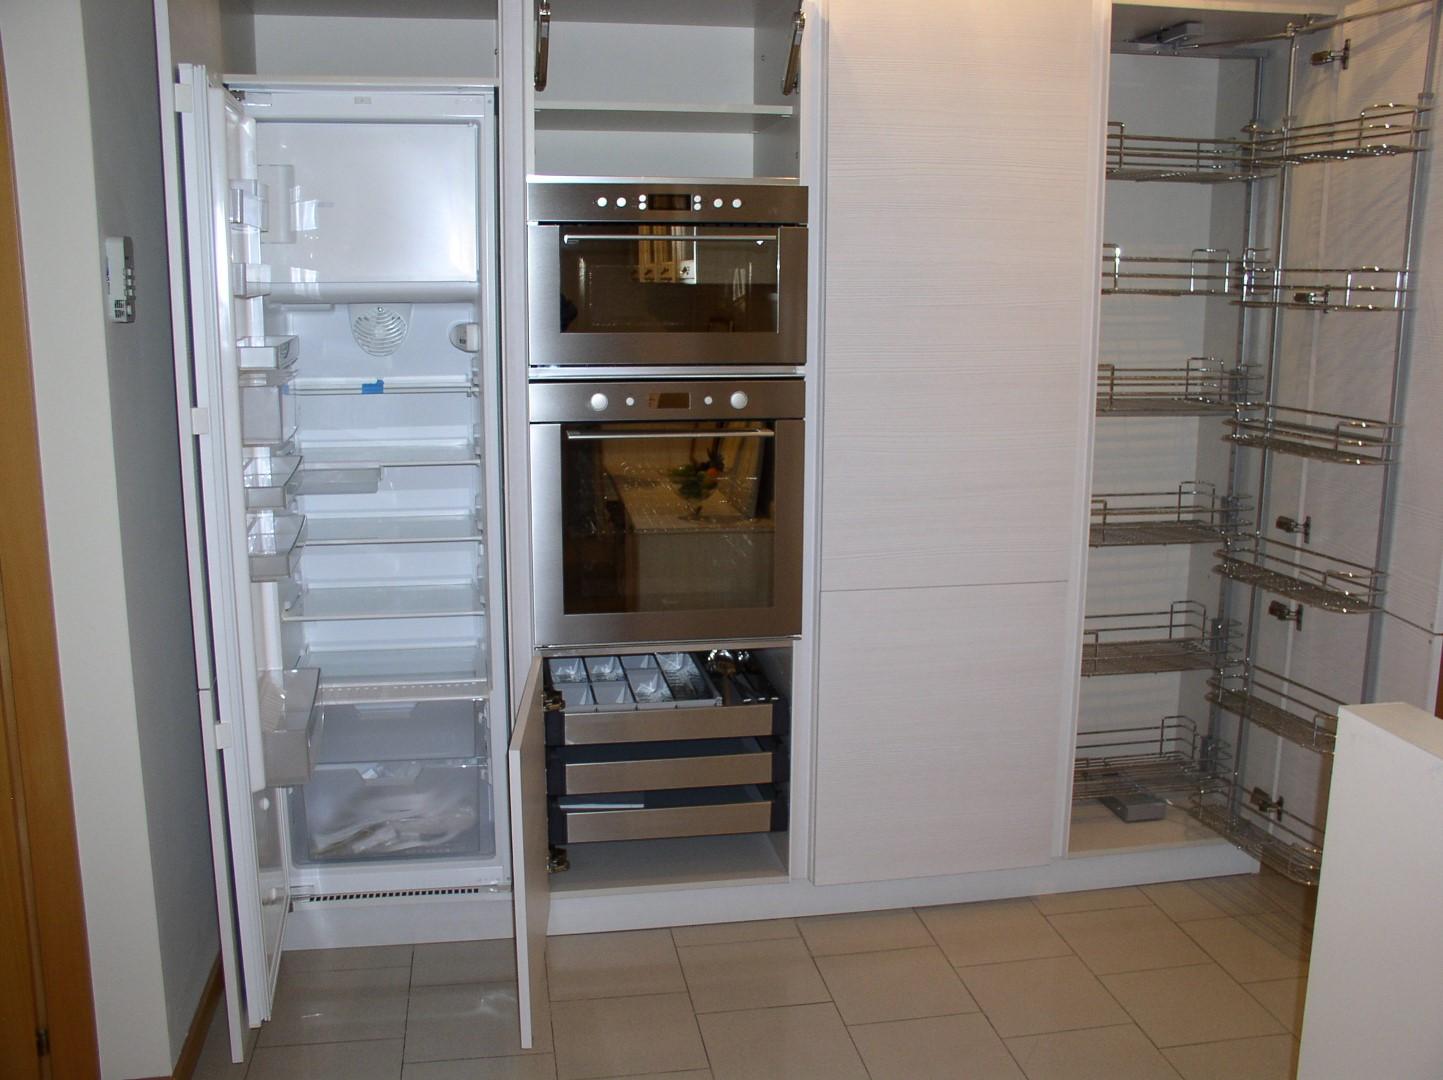 colonne Dispensa Cucina – Piana Arredamenti